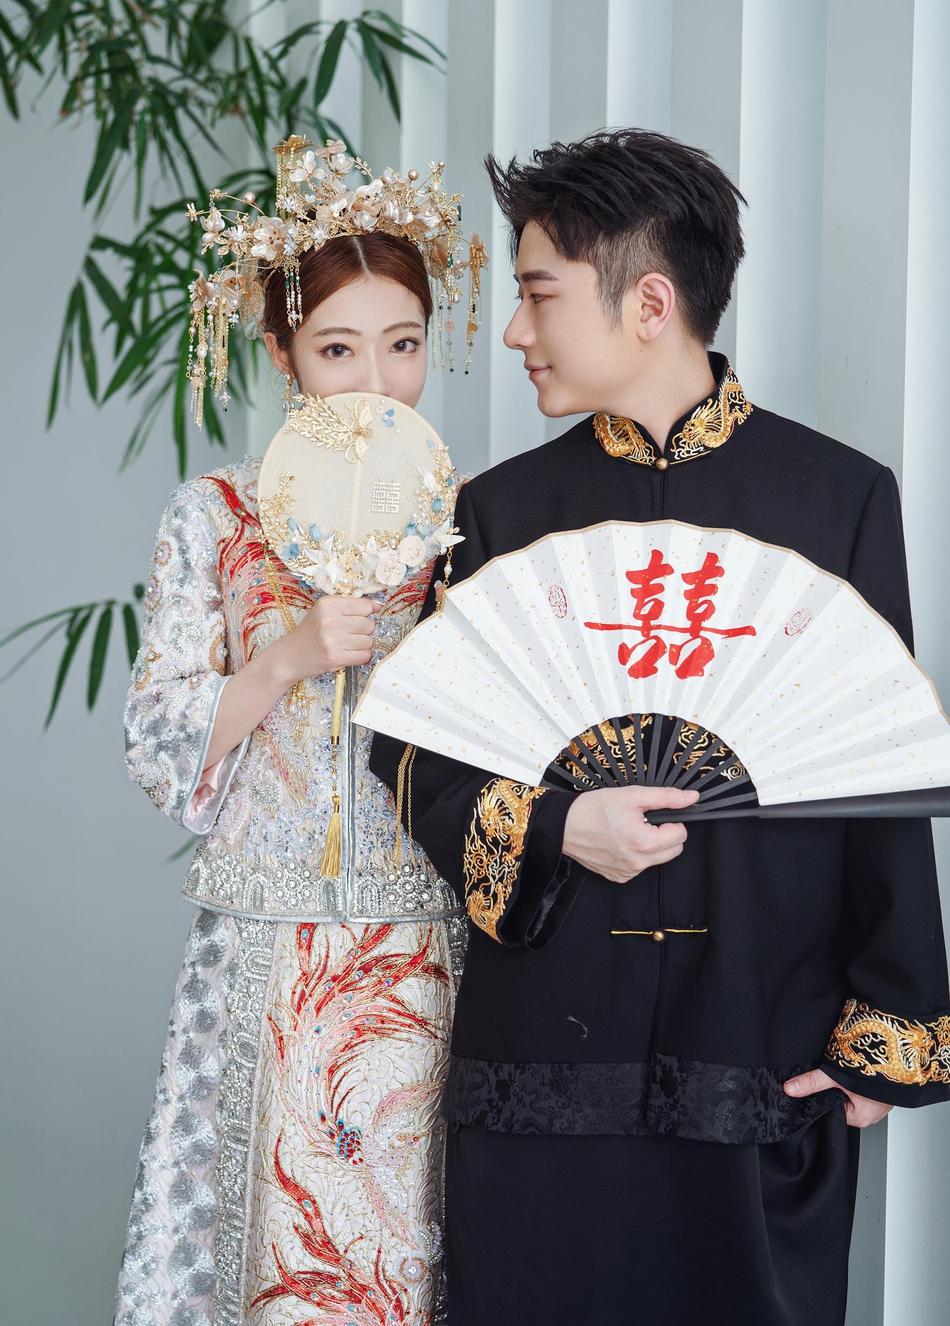 组图:95后说唱歌手王以太今日举行婚礼 现场图曝光满脸幸福!